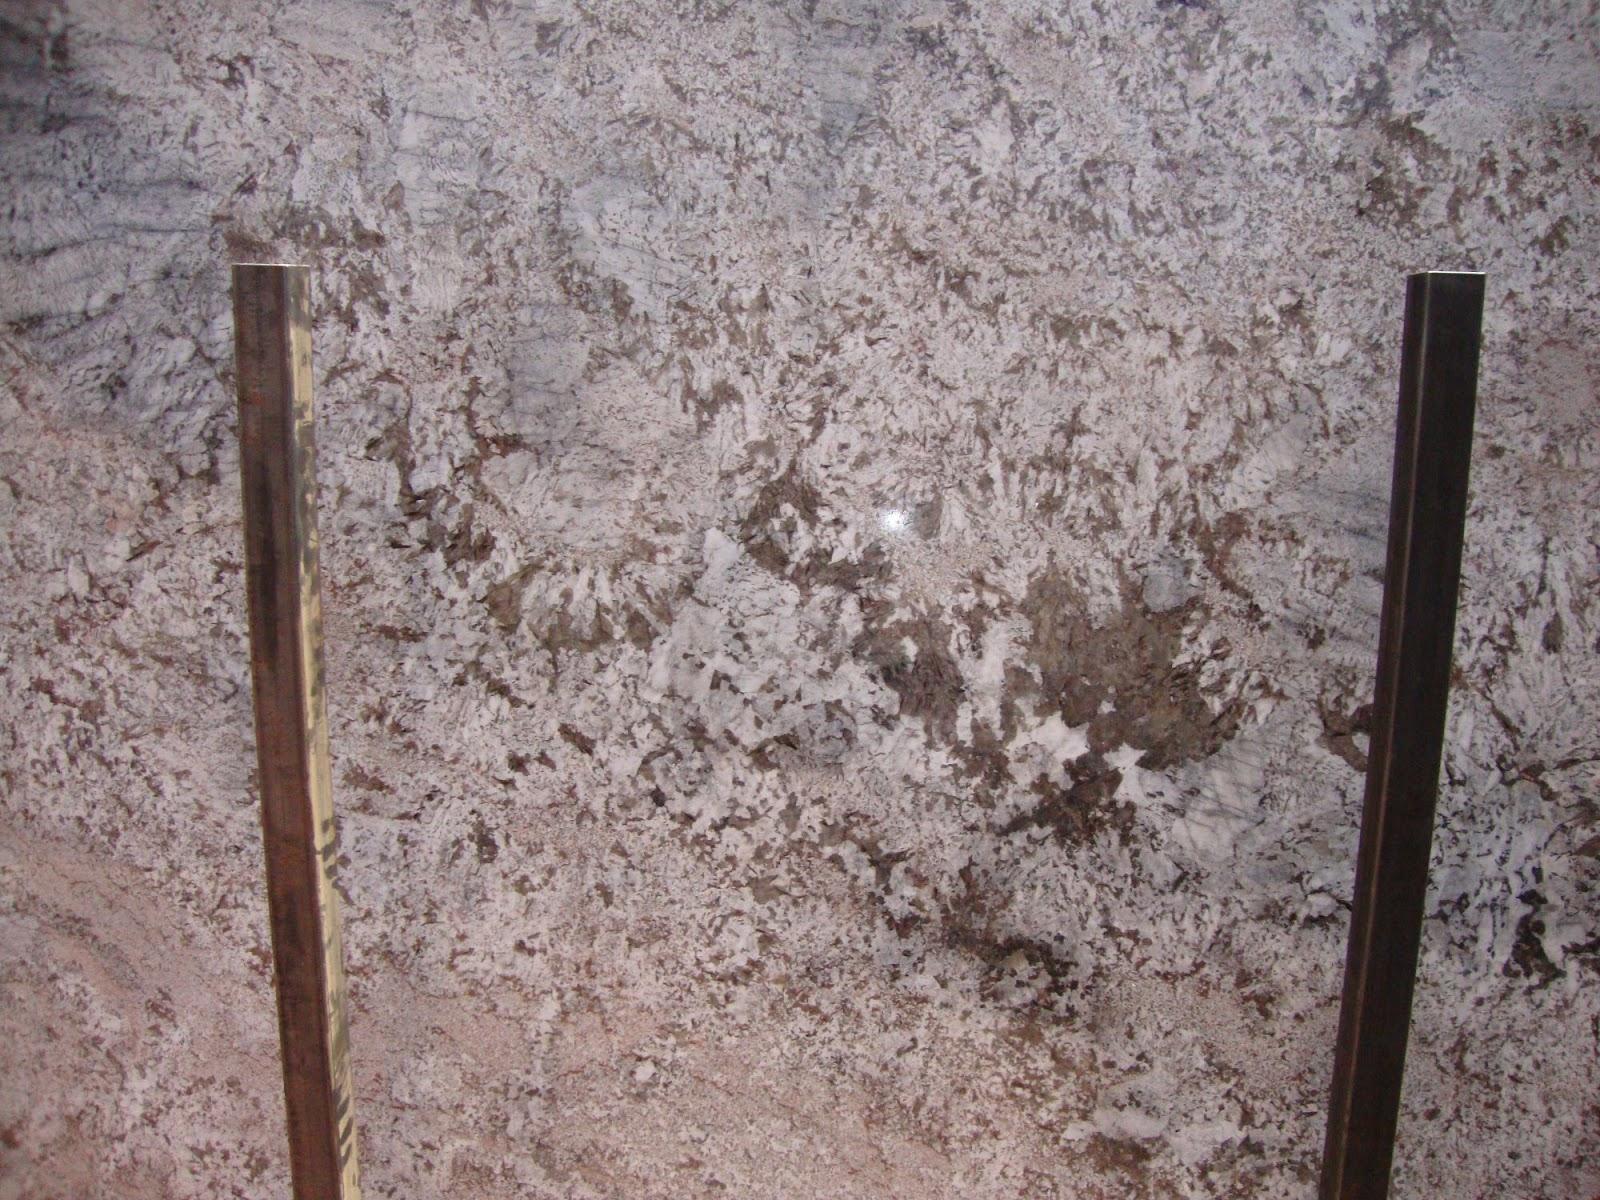 Granito express bianco antico for Granito blanco antico